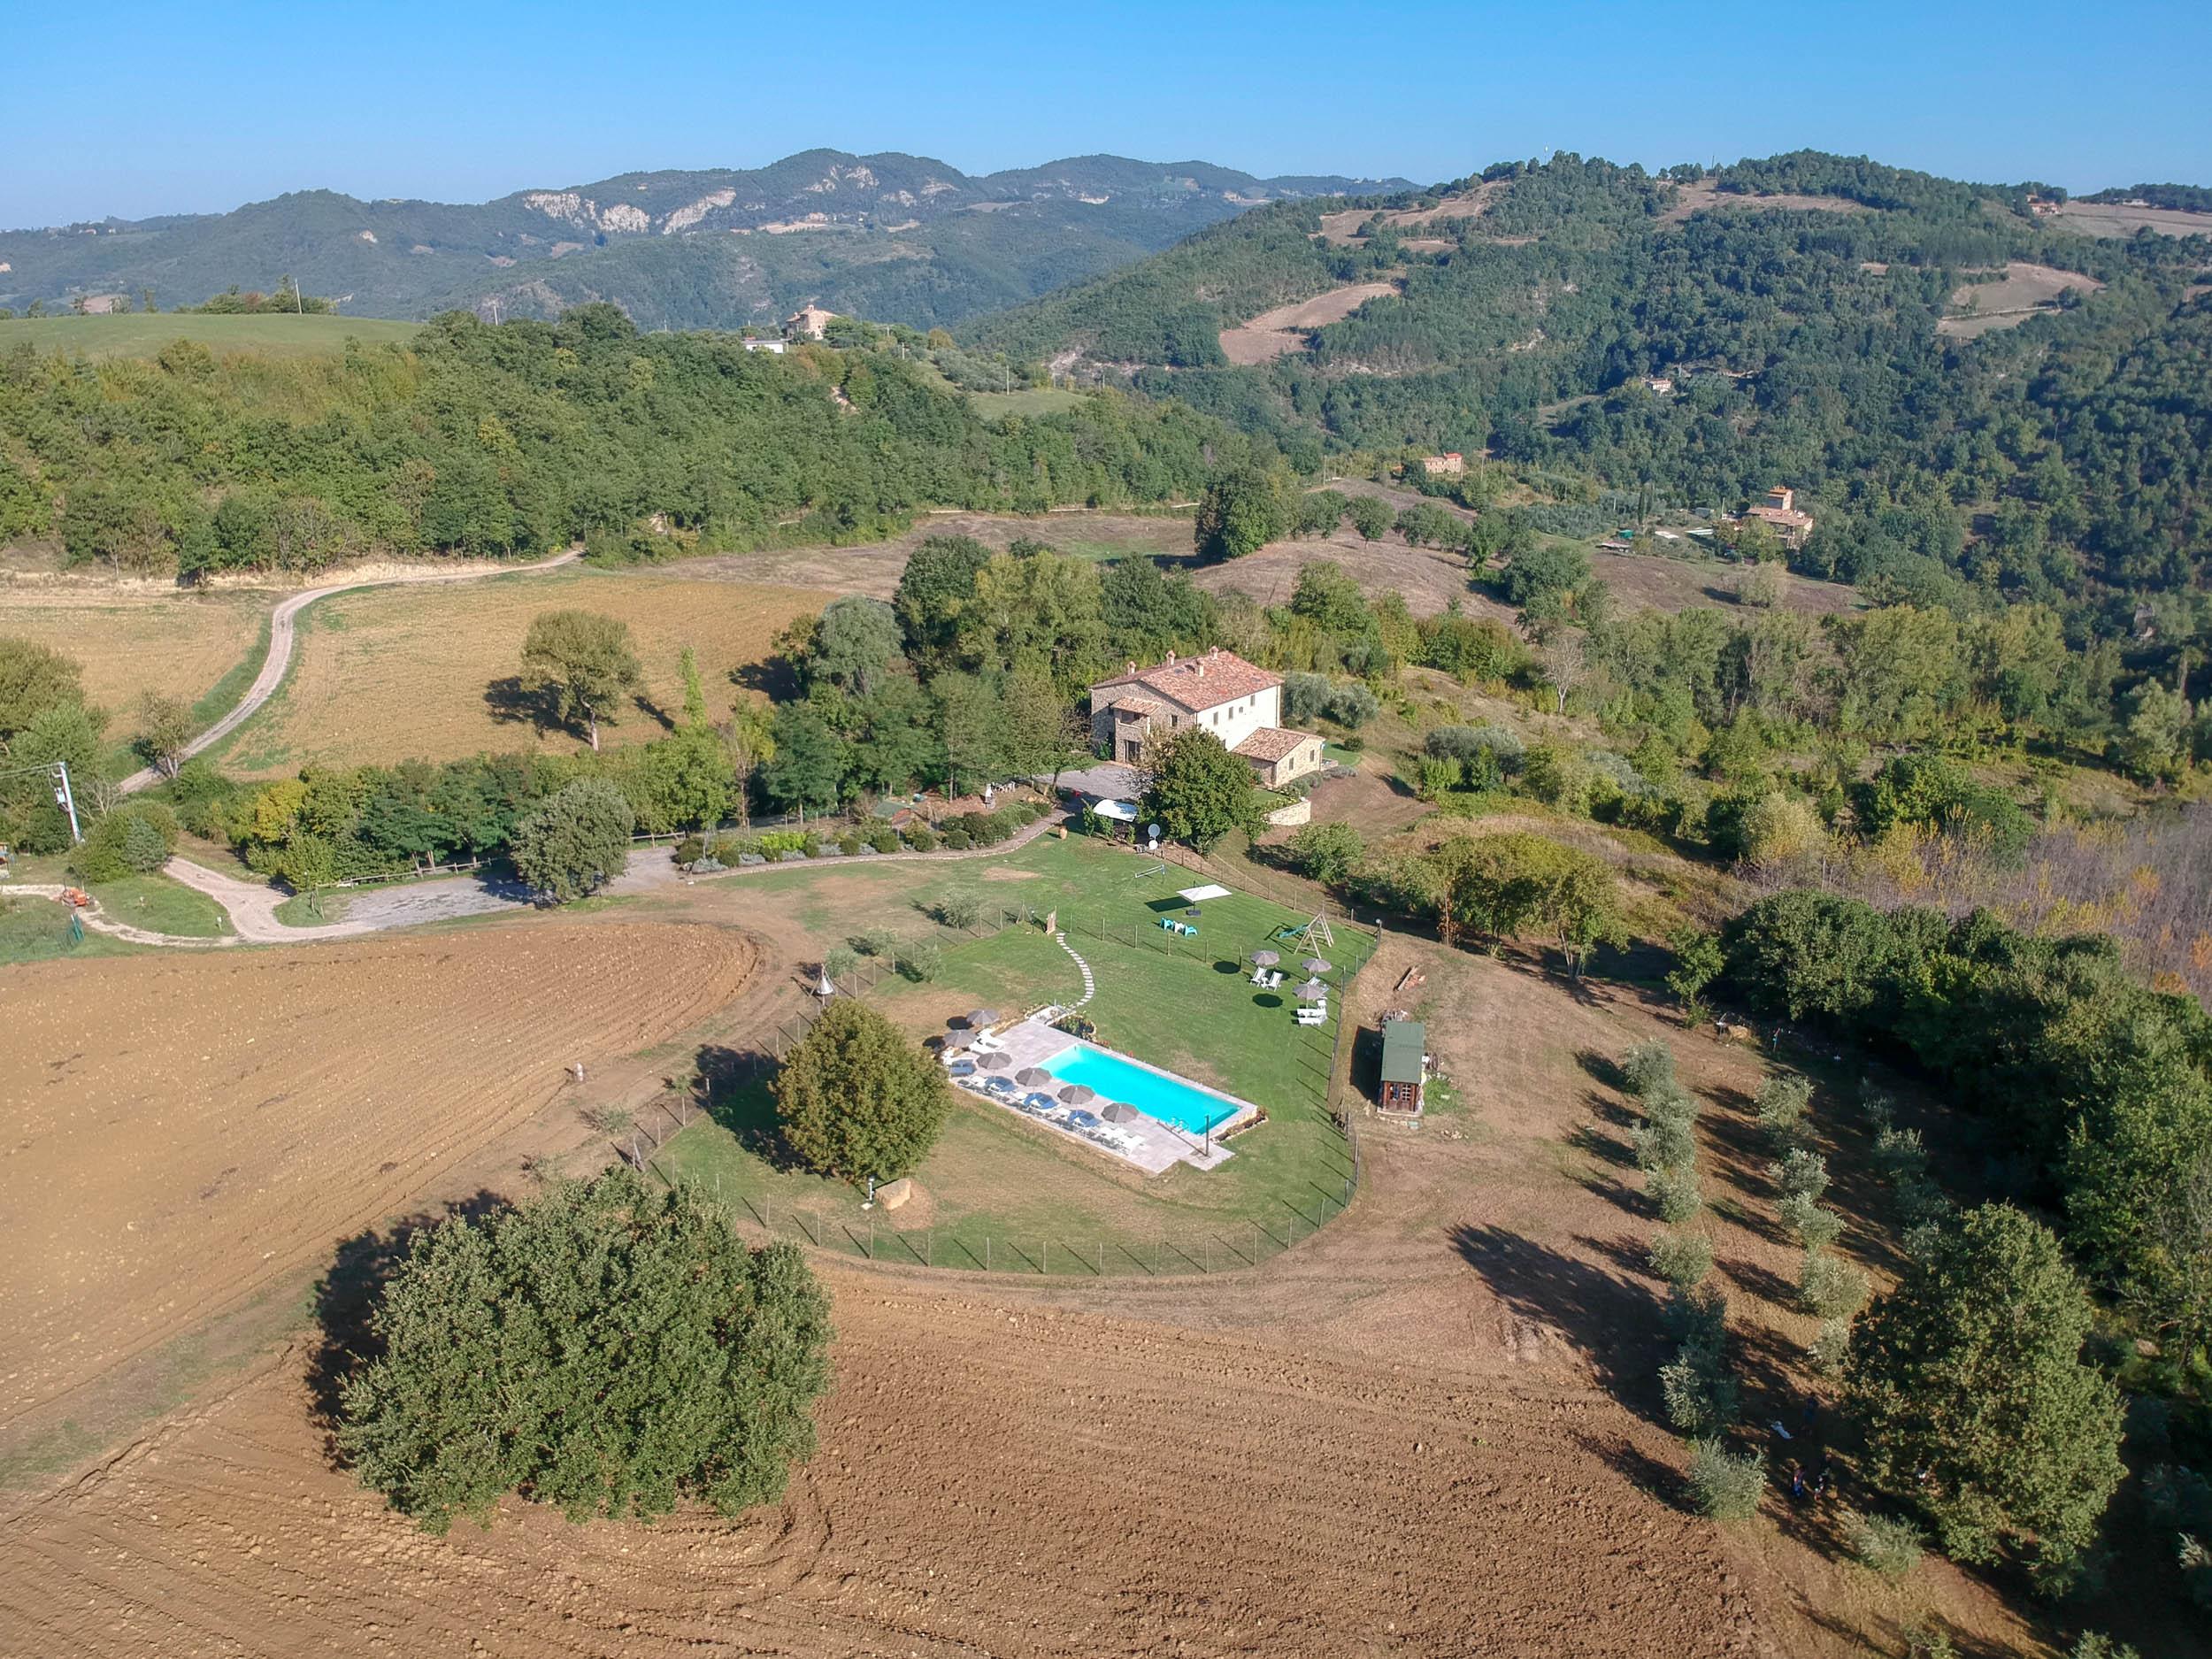 drone-view-Agriturismo-Montelovesco